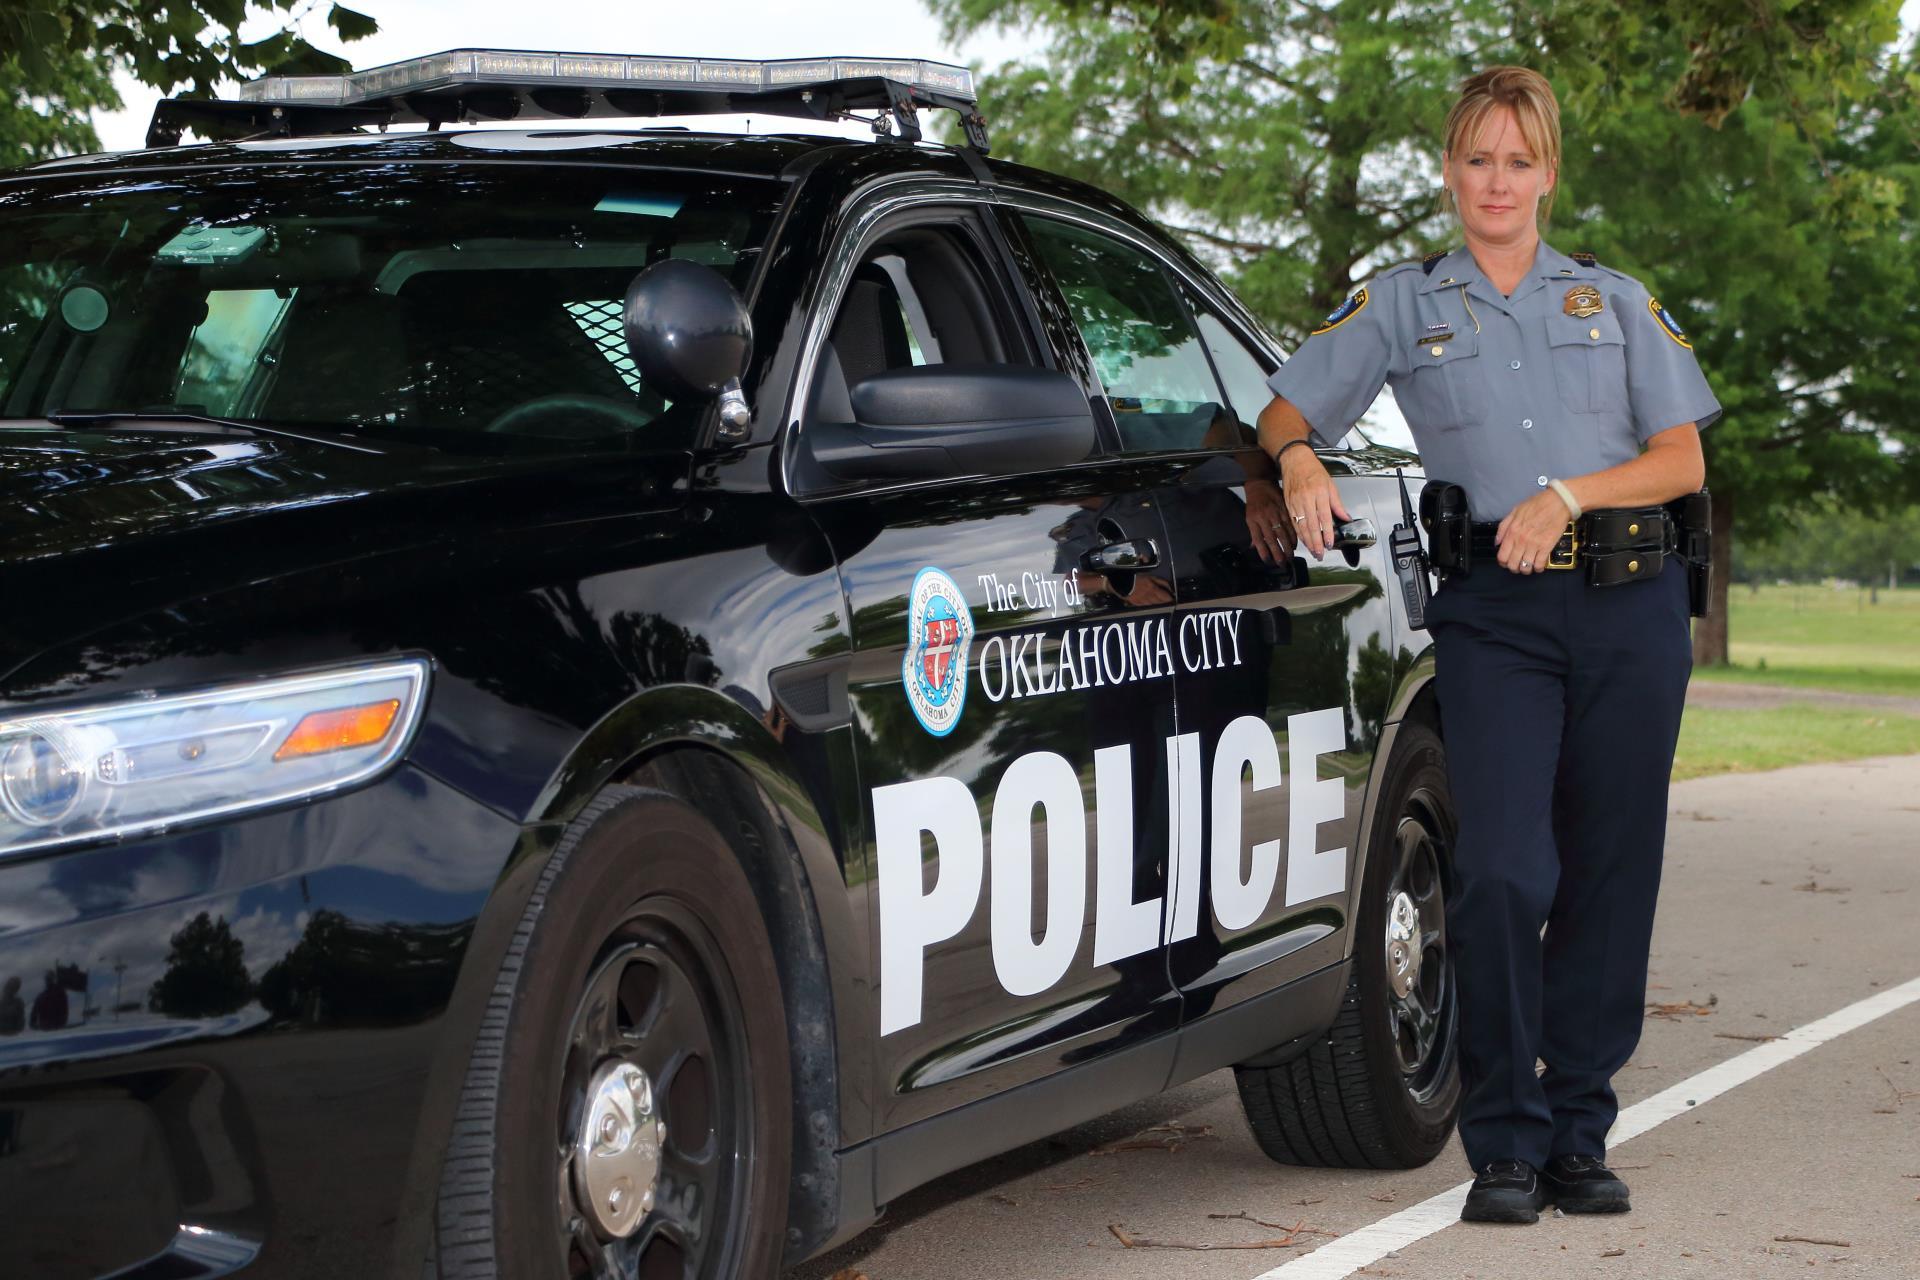 Lt. Keri Whitson